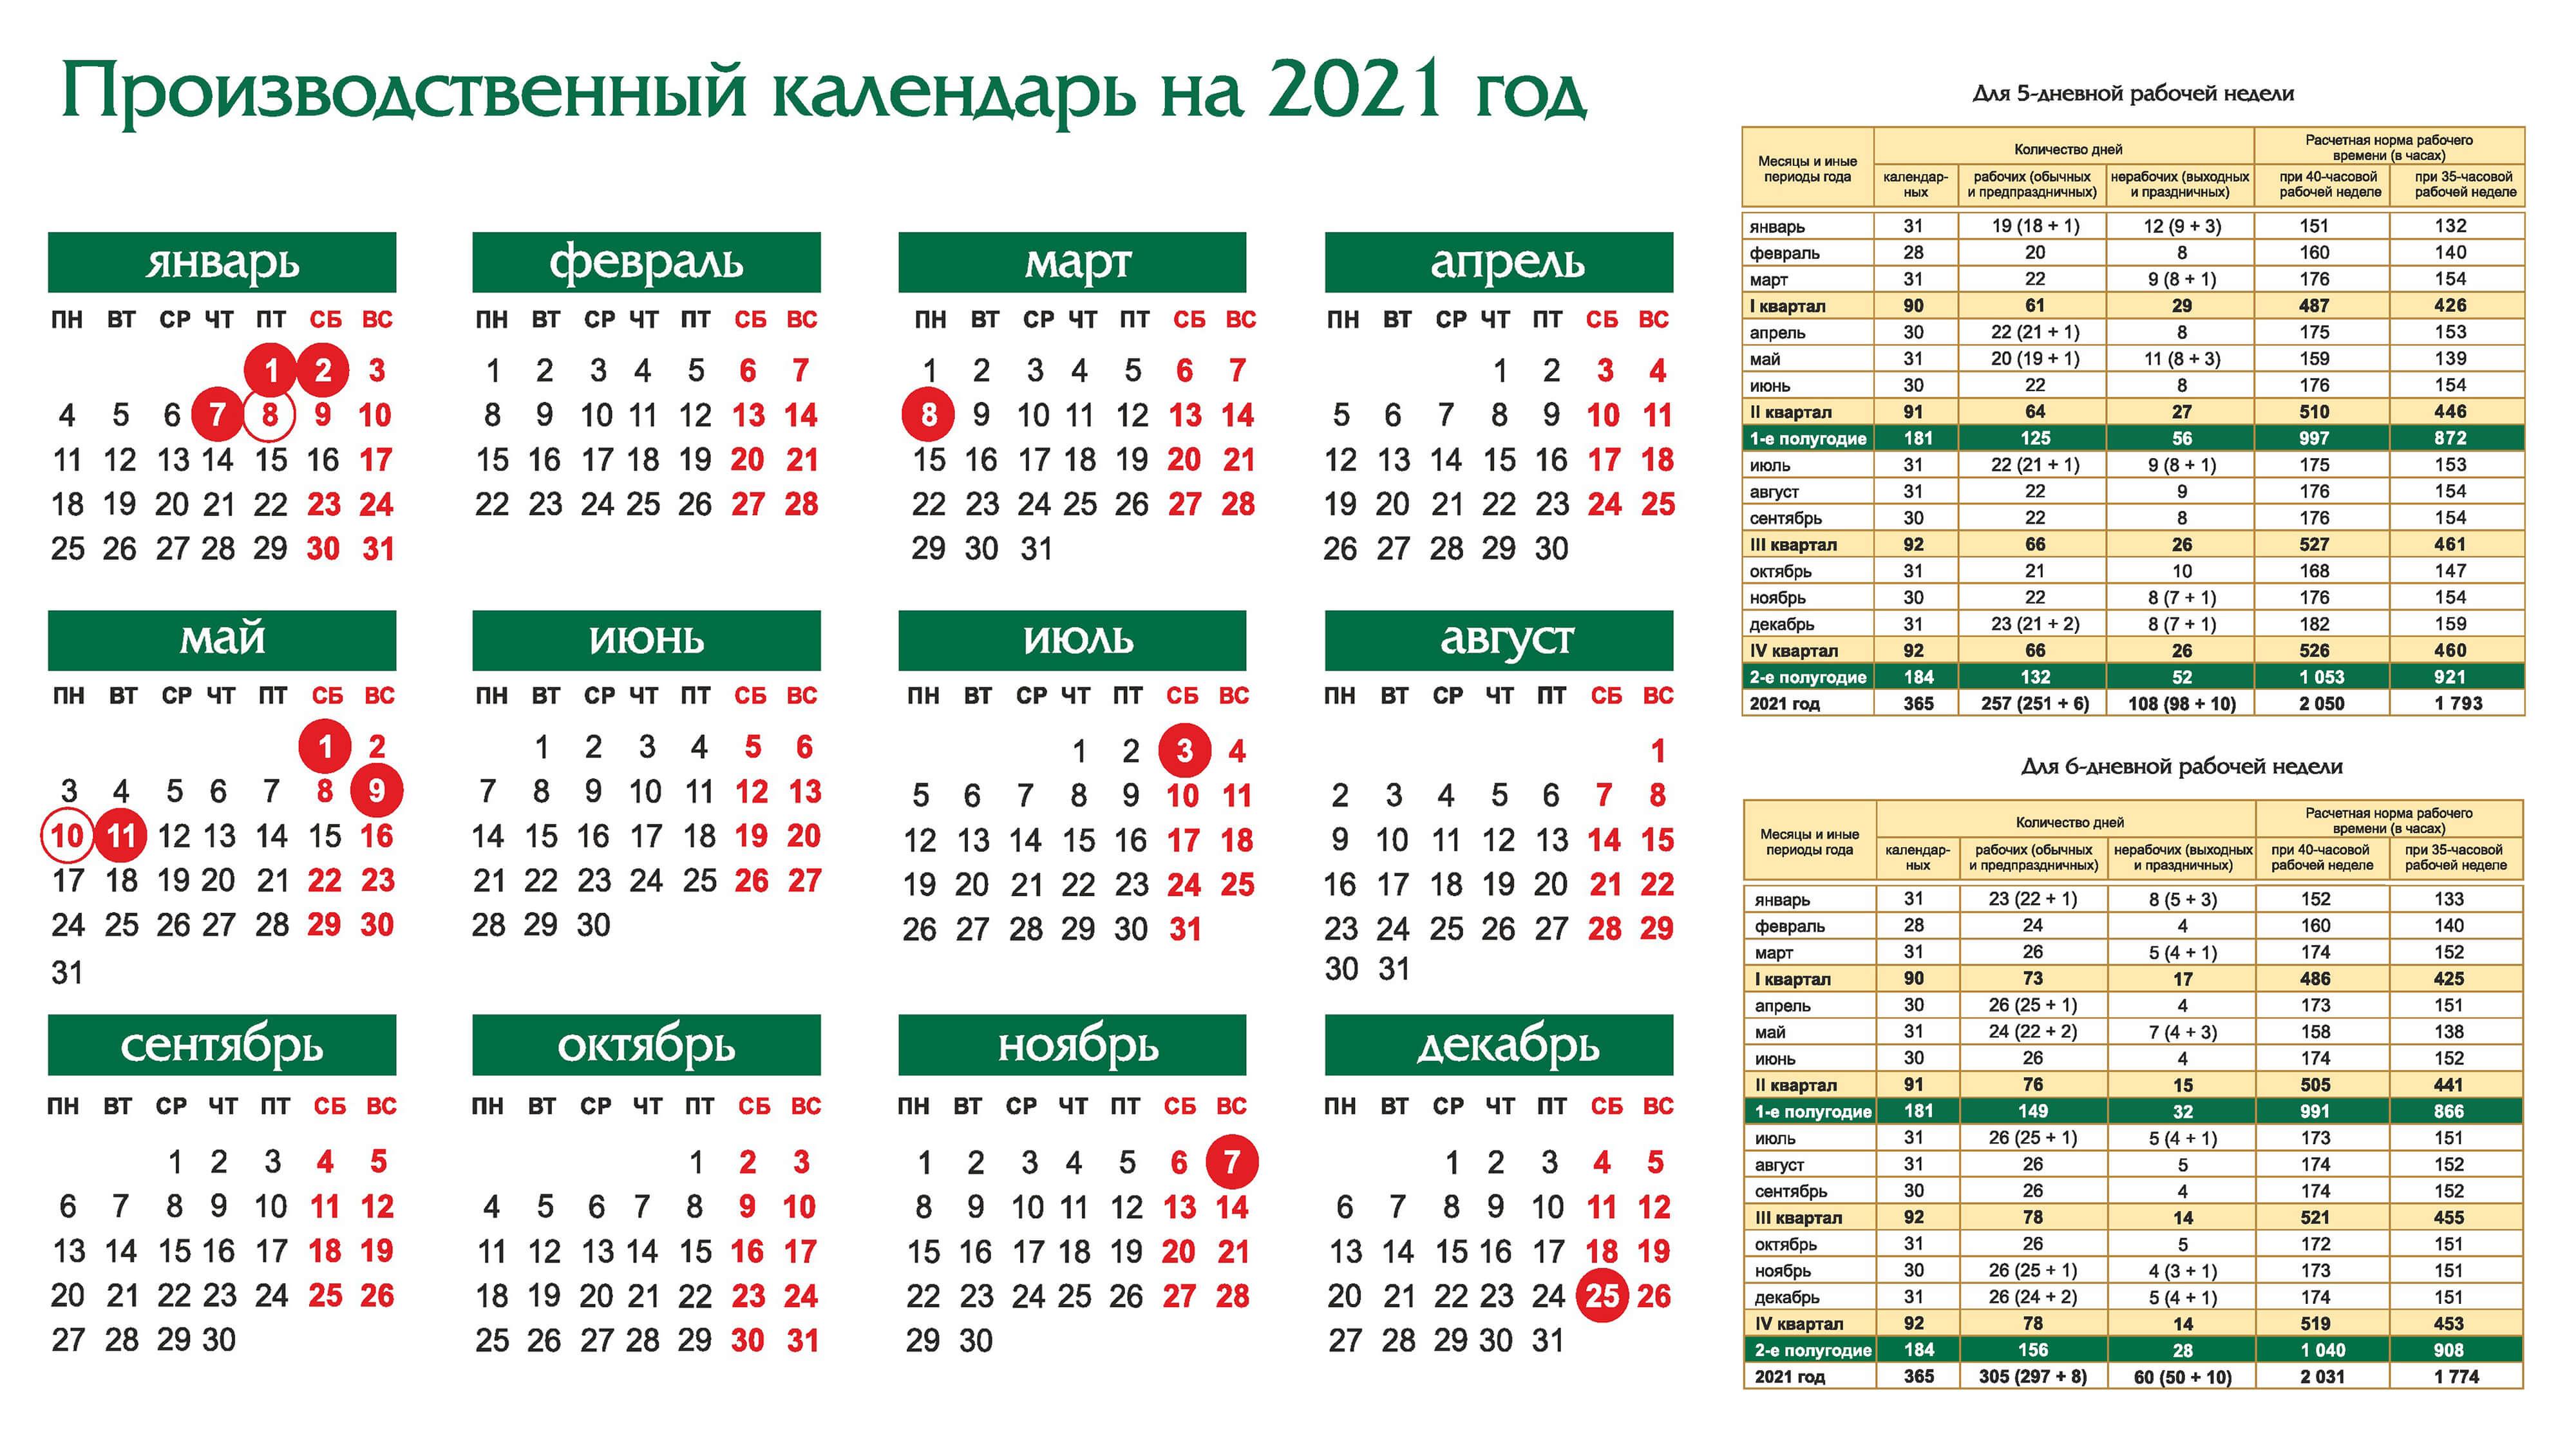 Беларусь – Производственный календарь на 2021 год (горизонтальный)